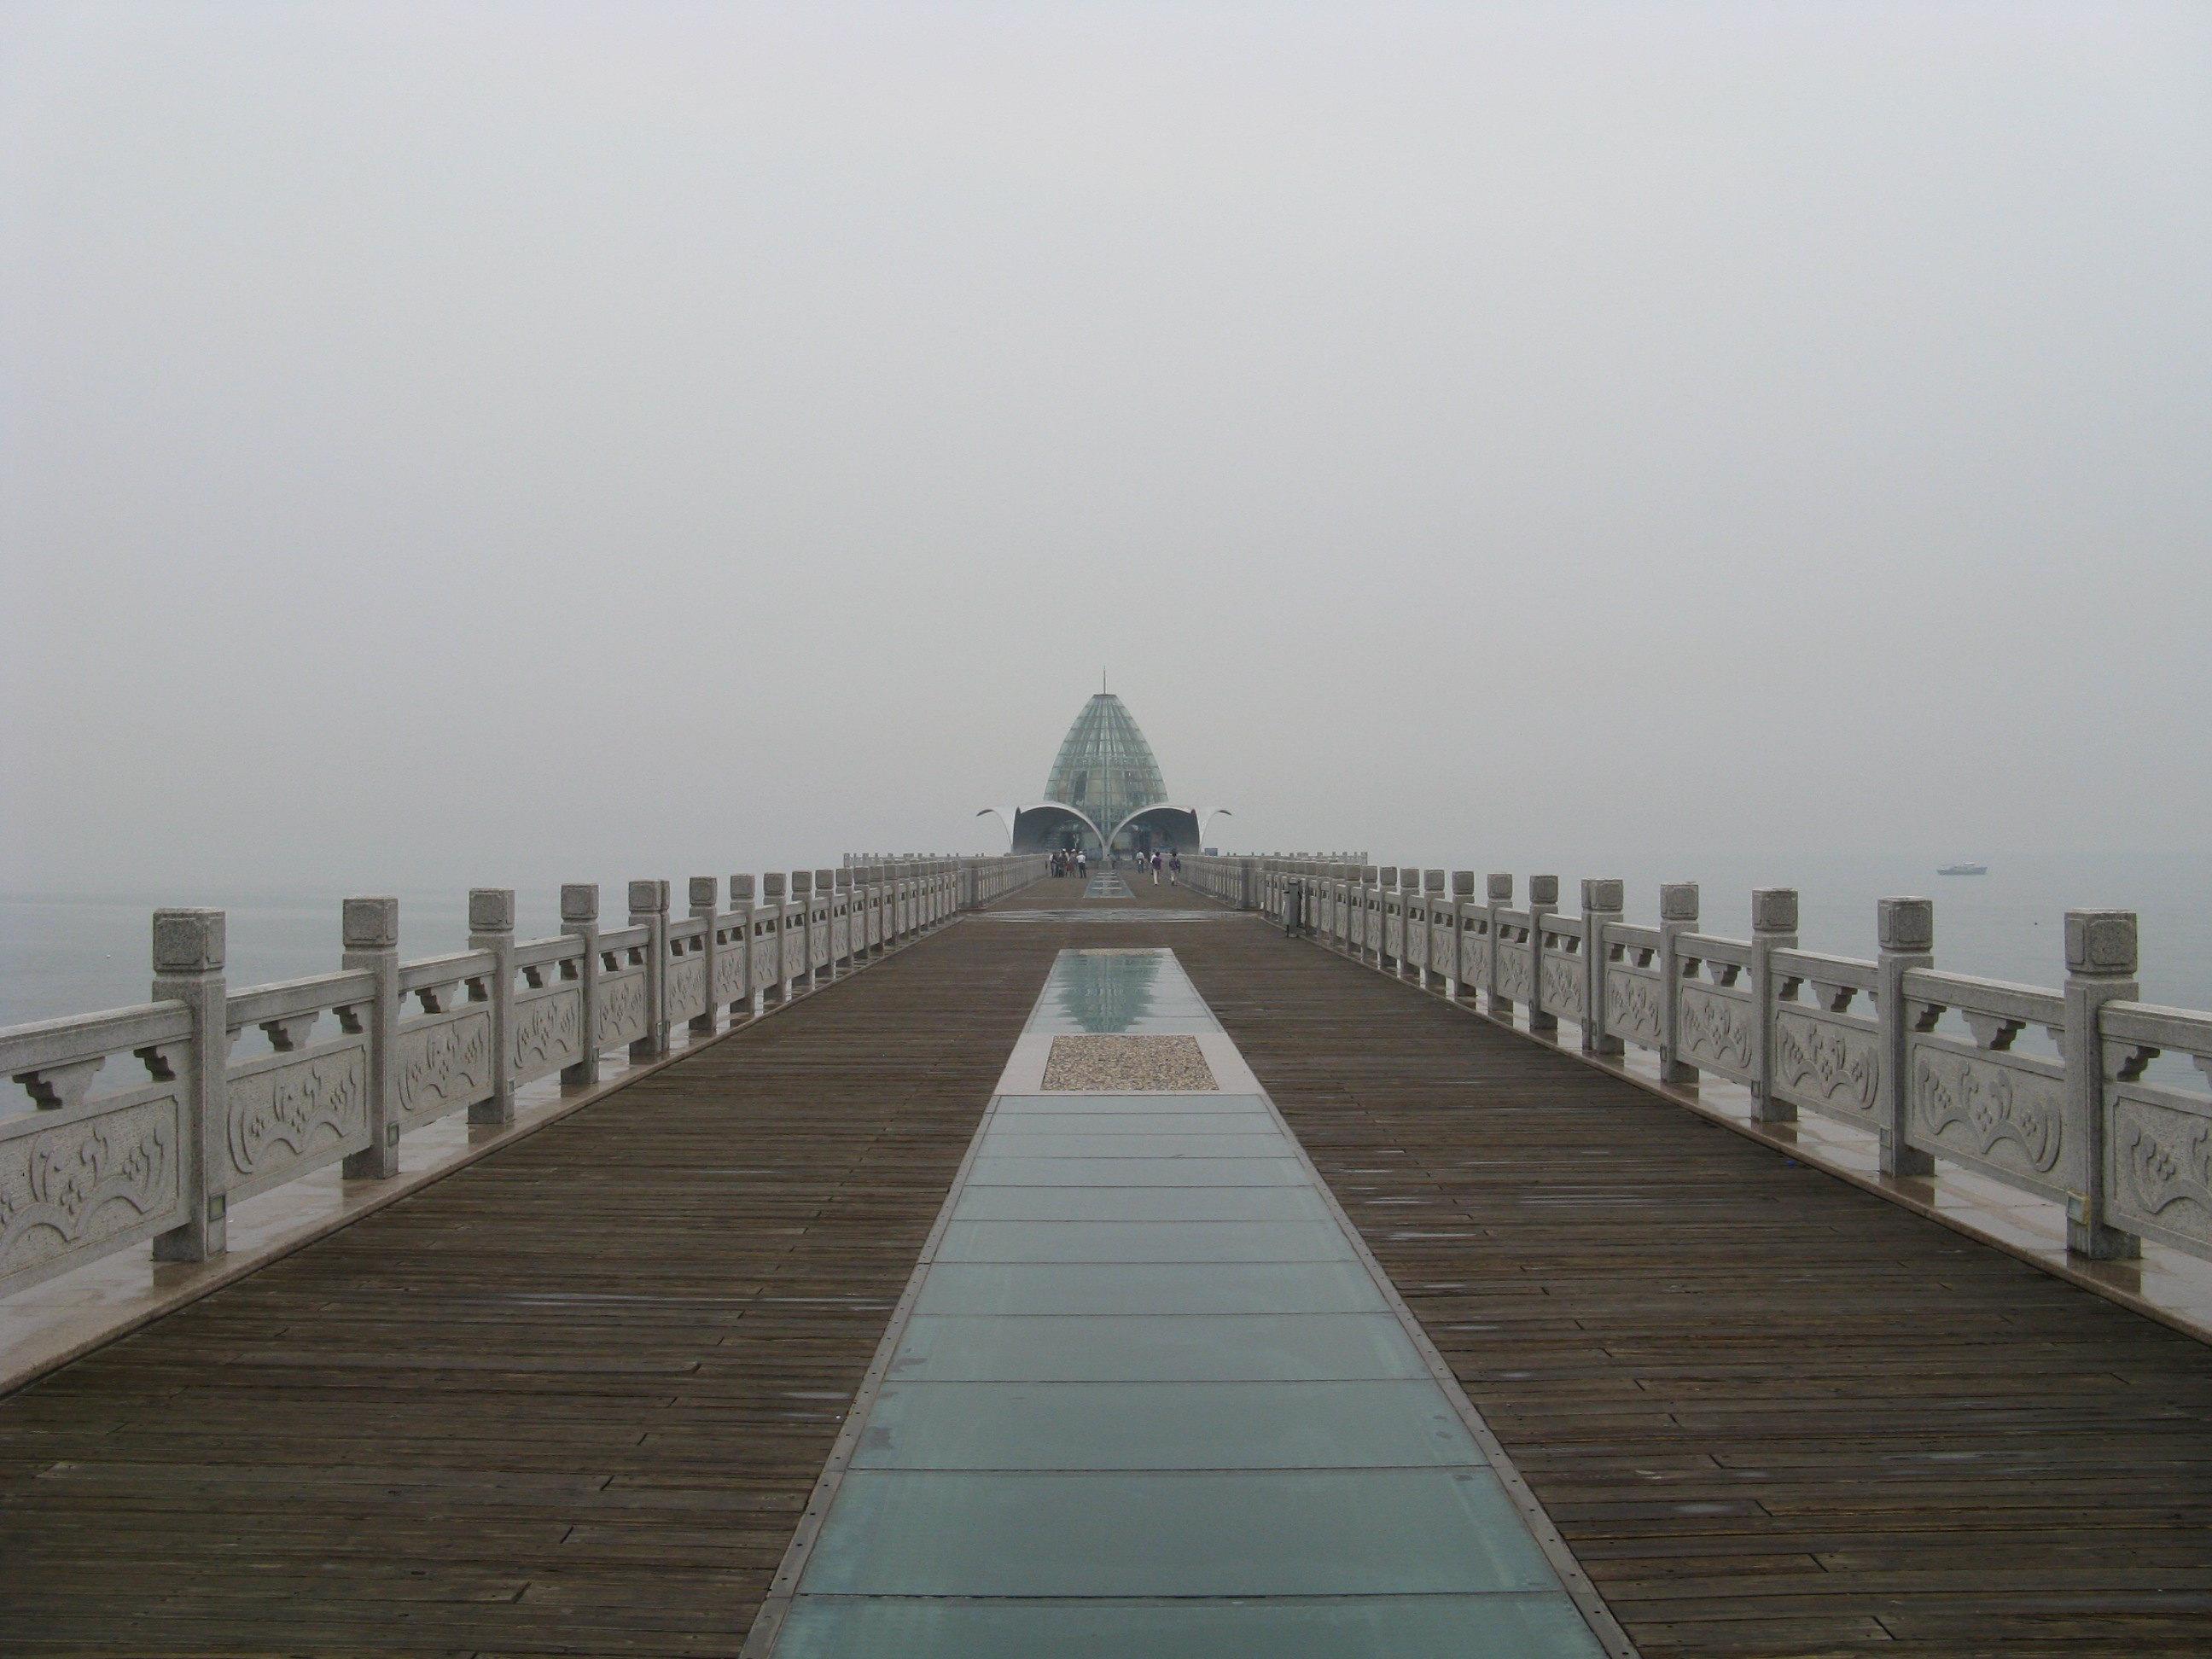 东炮台海滨风景区,烟台东炮台海滨风景区攻略/地址